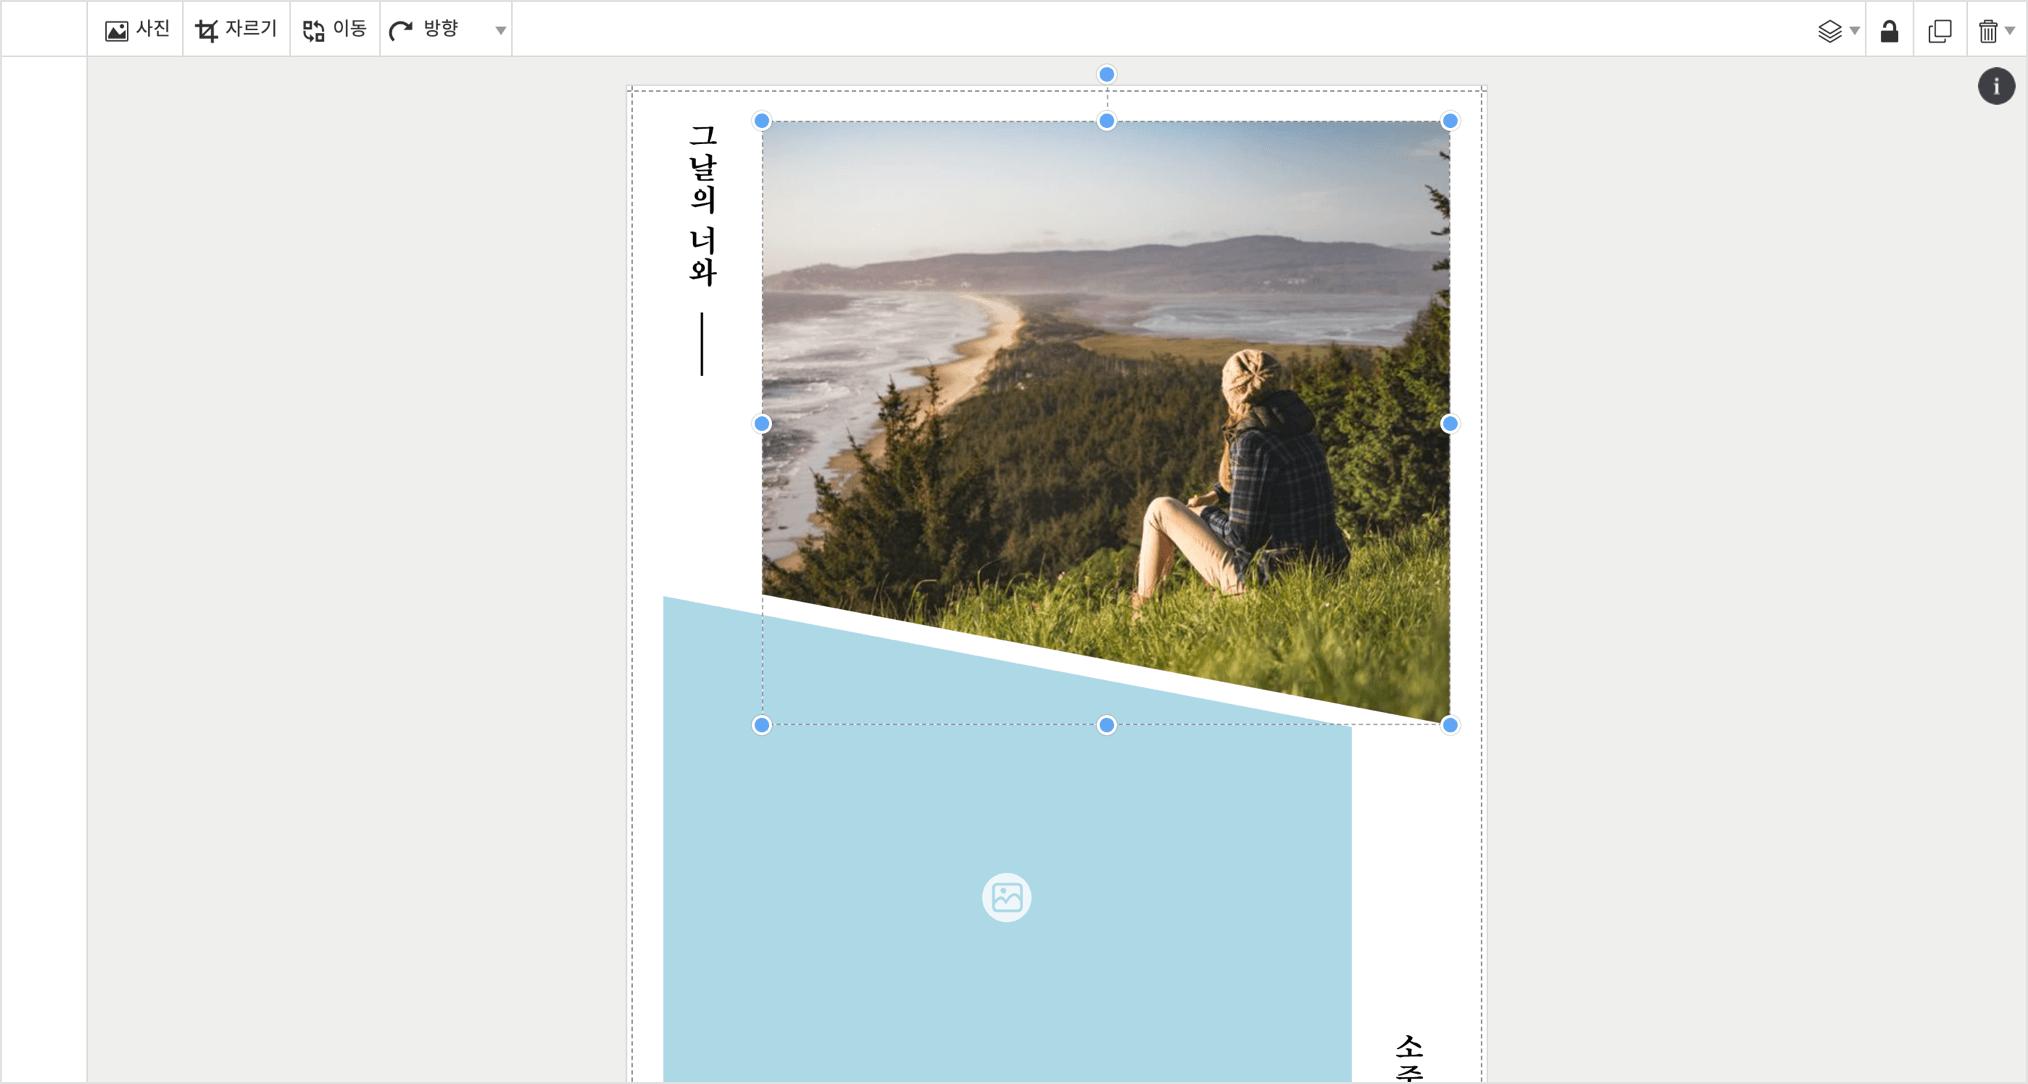 2. 사진 편집 및 적용하기